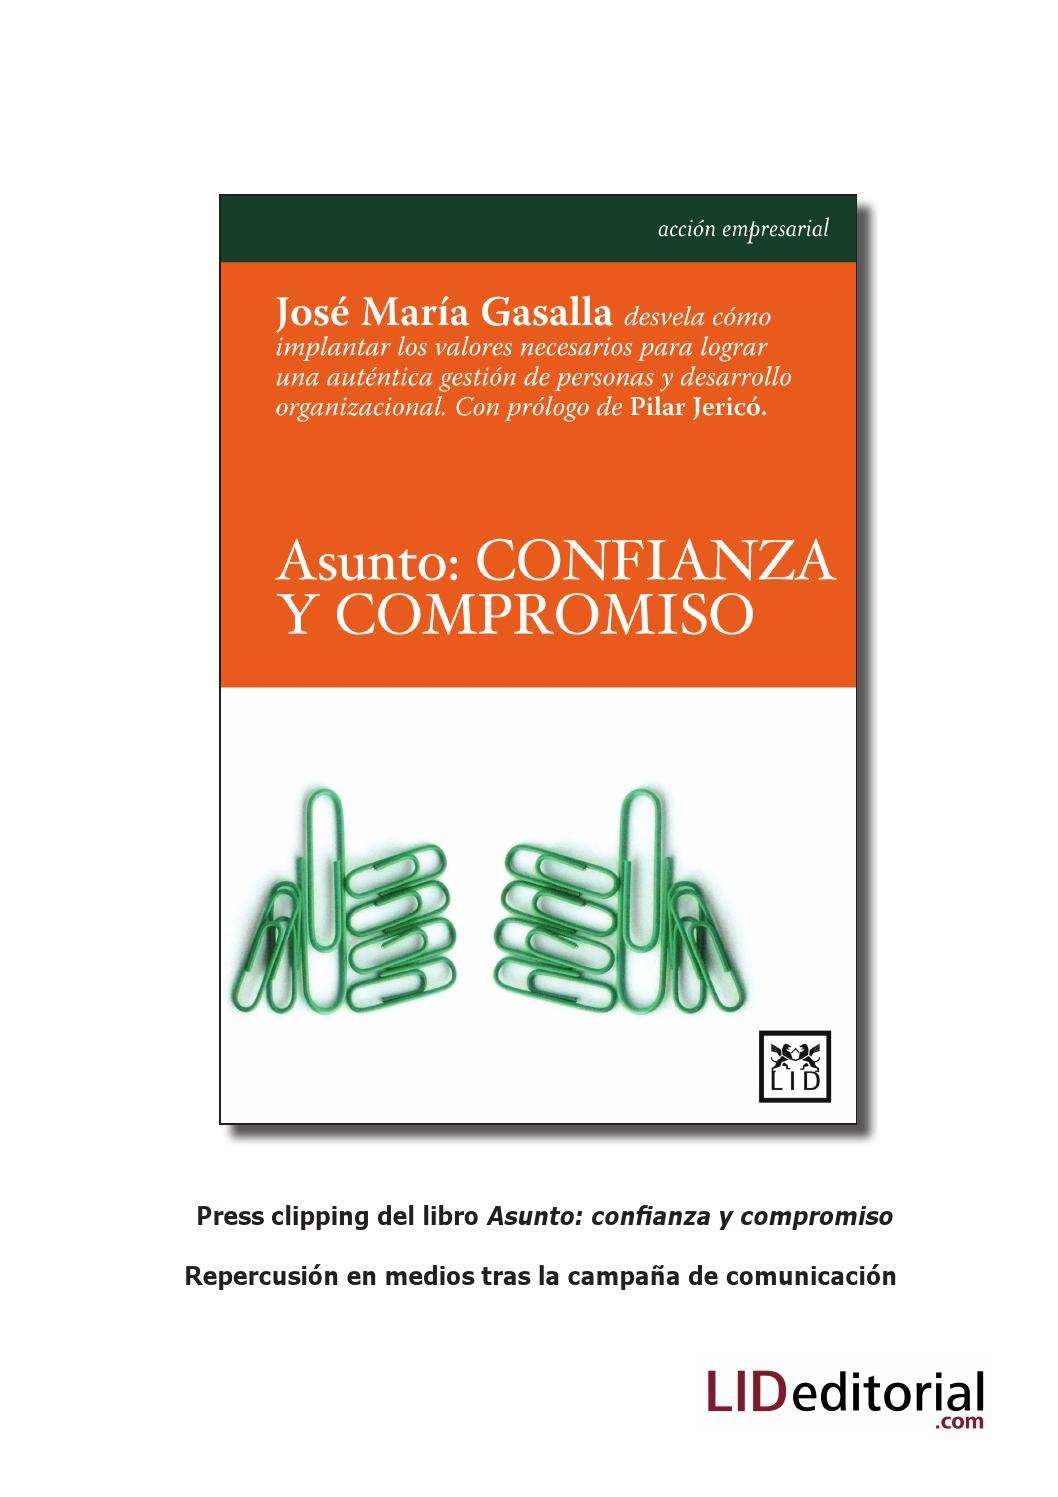 Press clipping del libro Asunto, confianza y compromiso by LID ...